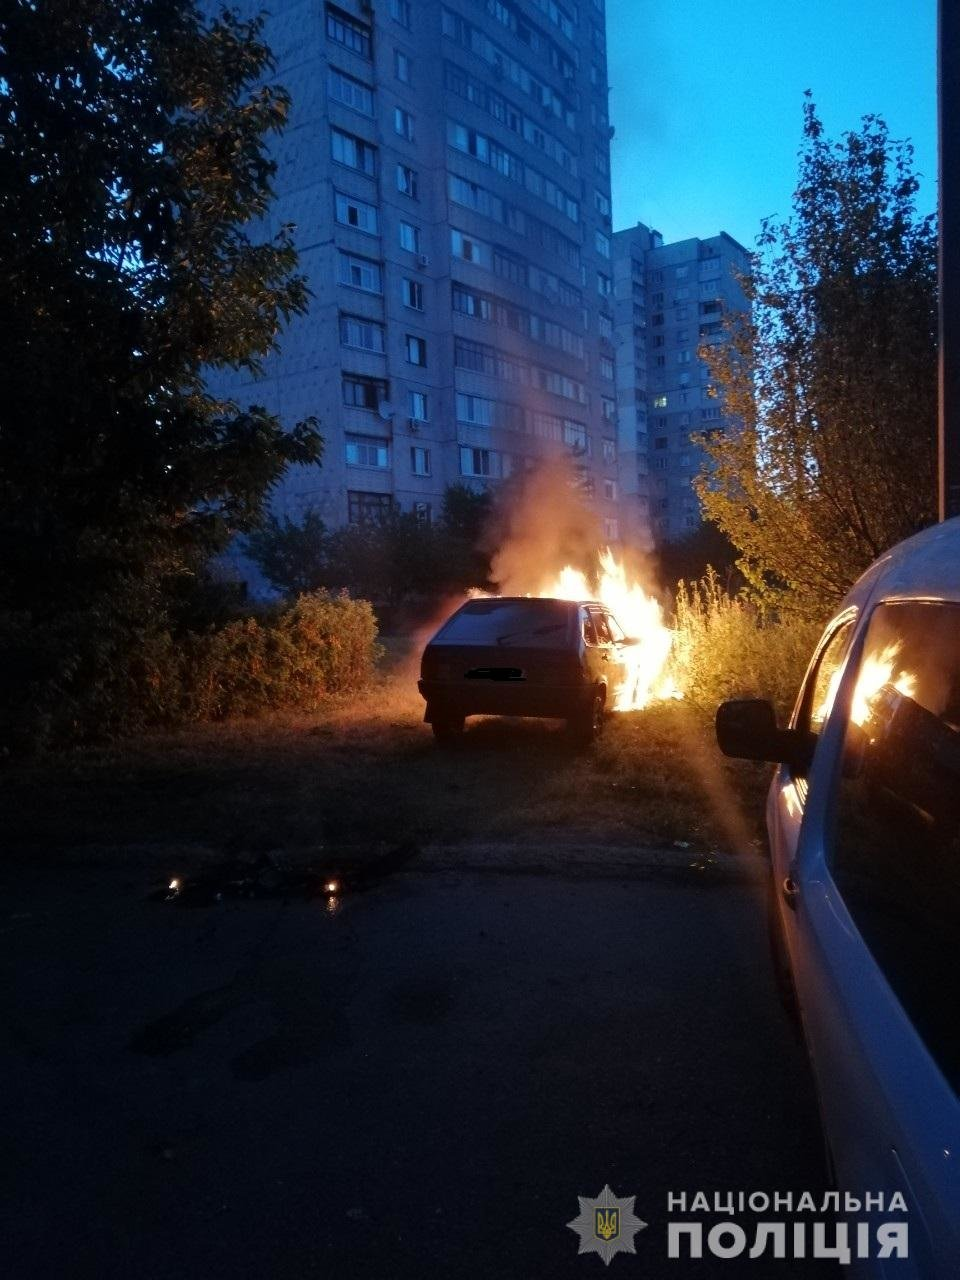 На Харьковщине горели две «легковушки» и микроавтобус, который подожгли неизвестные, - ФОТО, фото-1